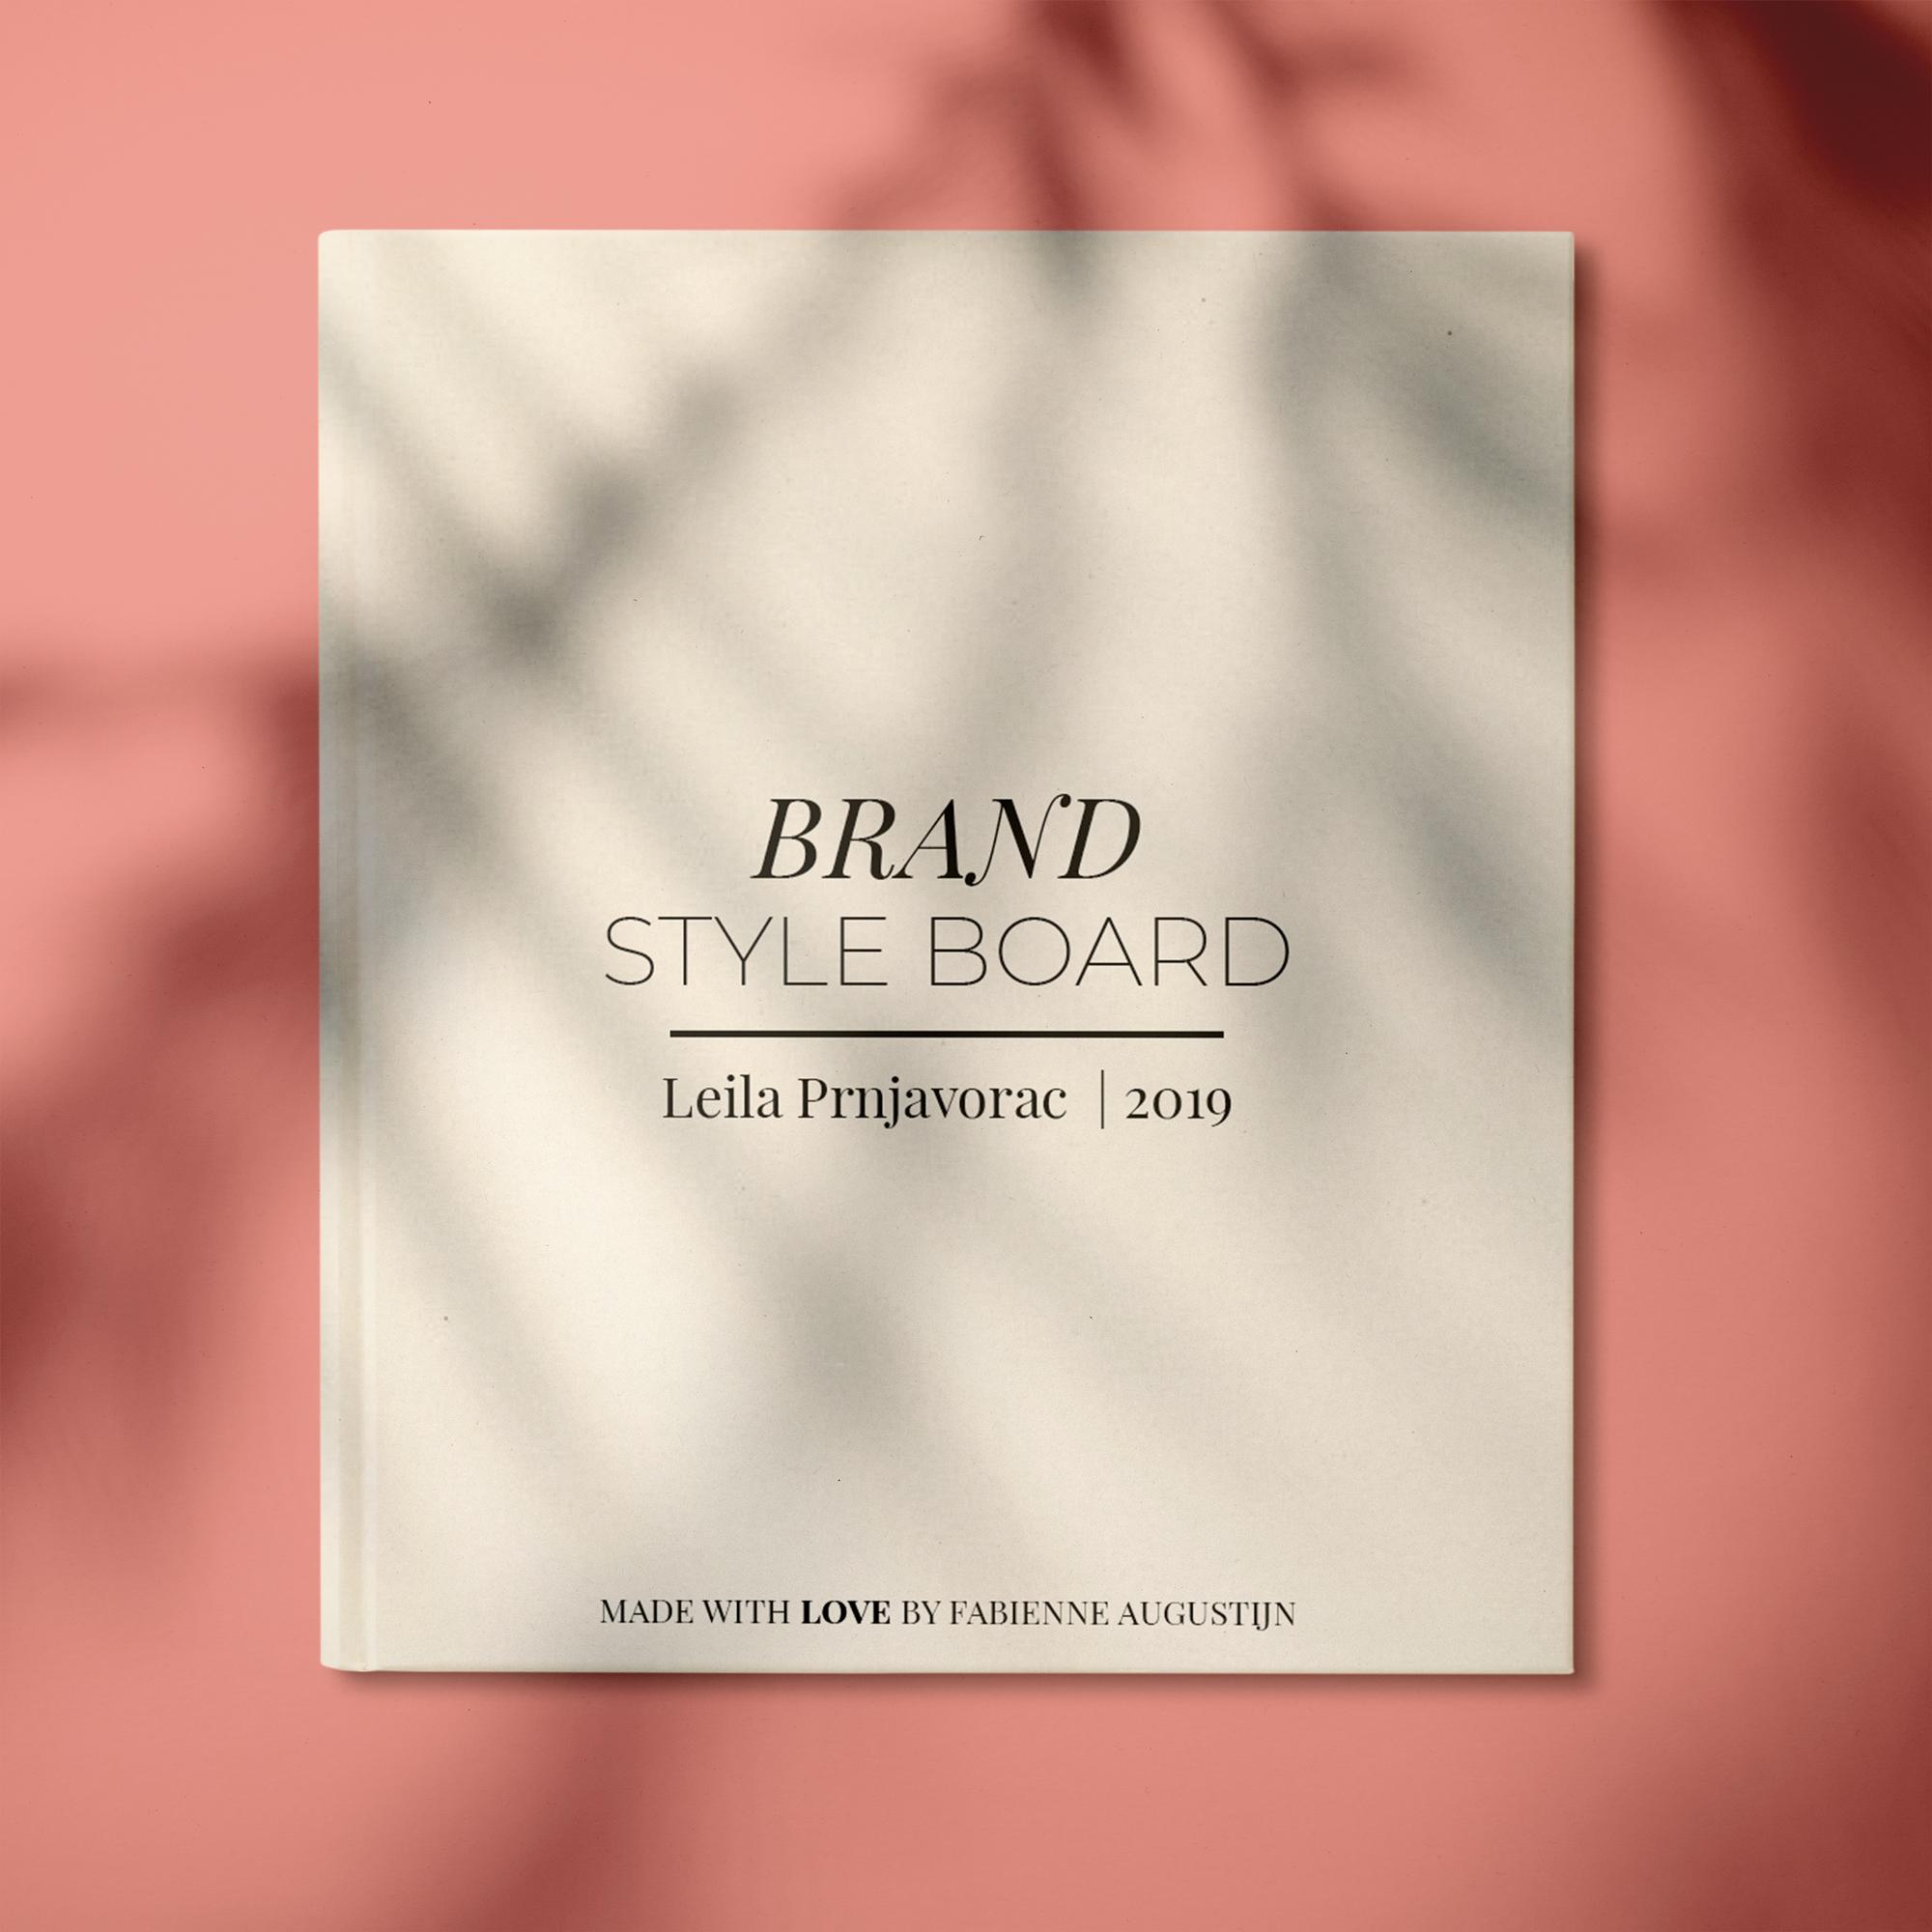 Brand Style Board By Fabienne